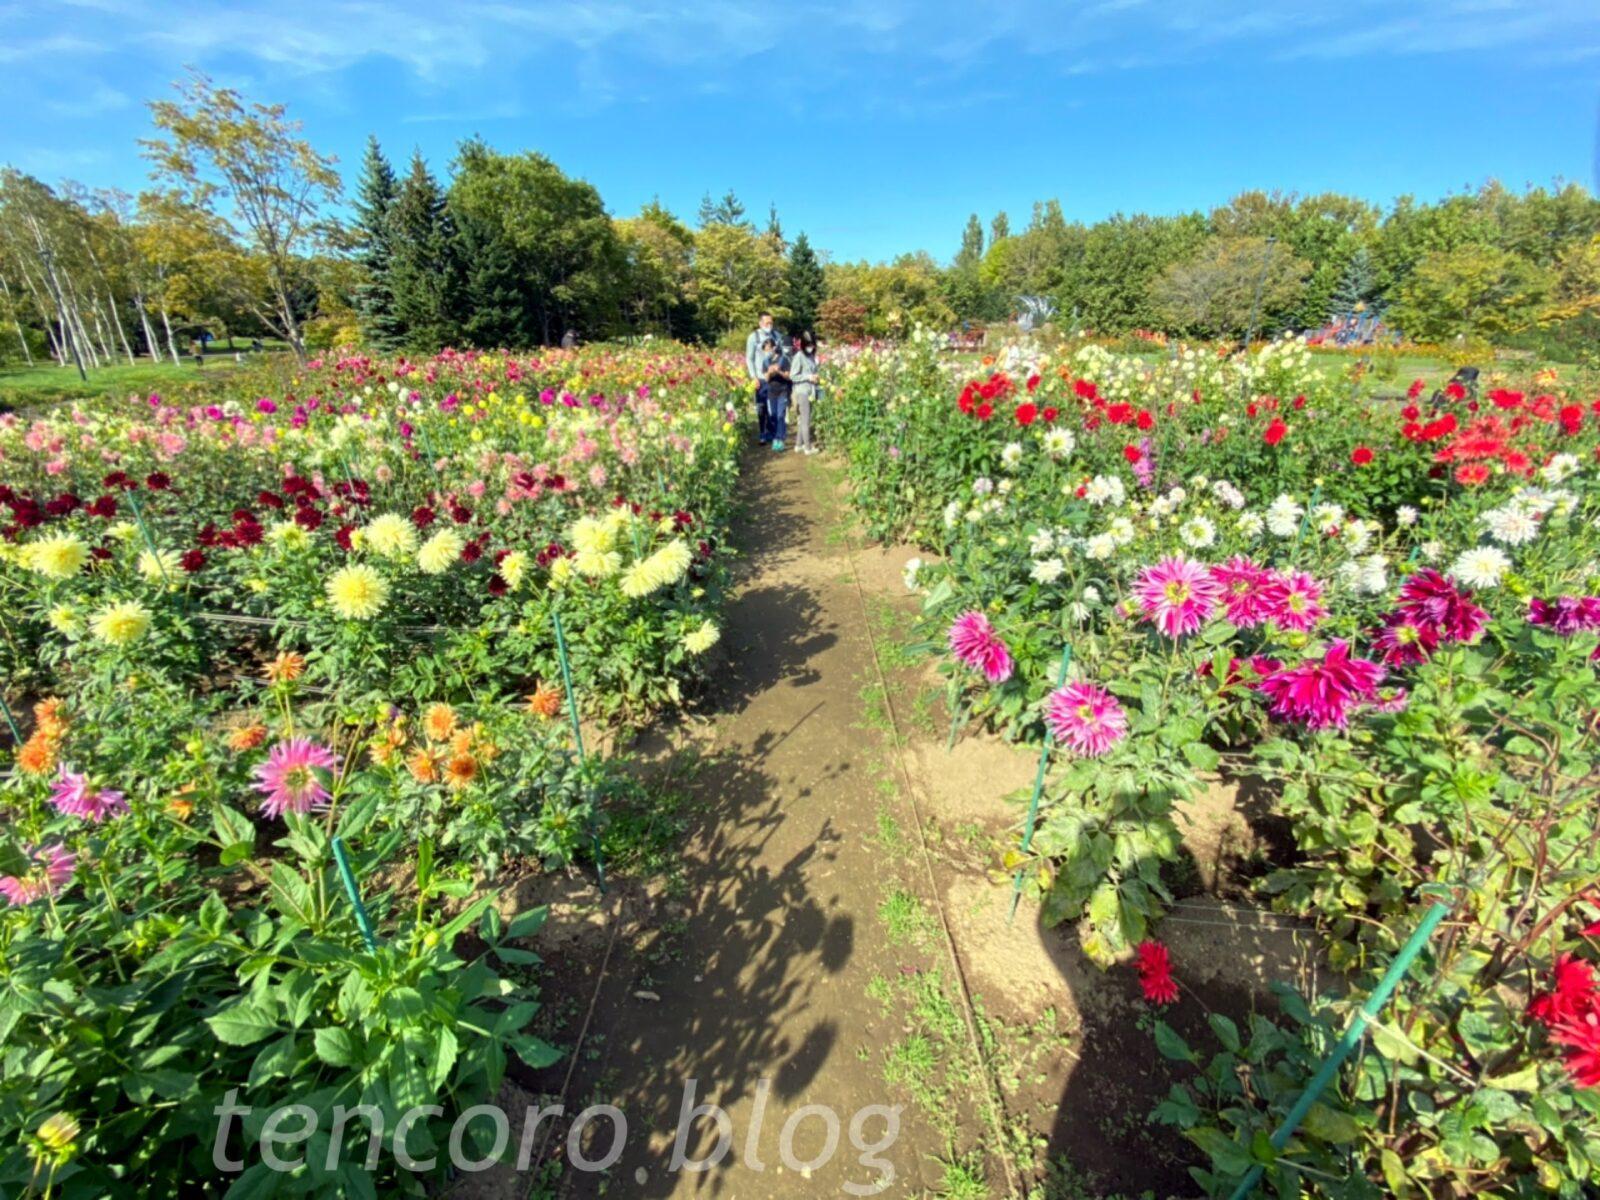 札幌 公園 百合が原 大型 花畑